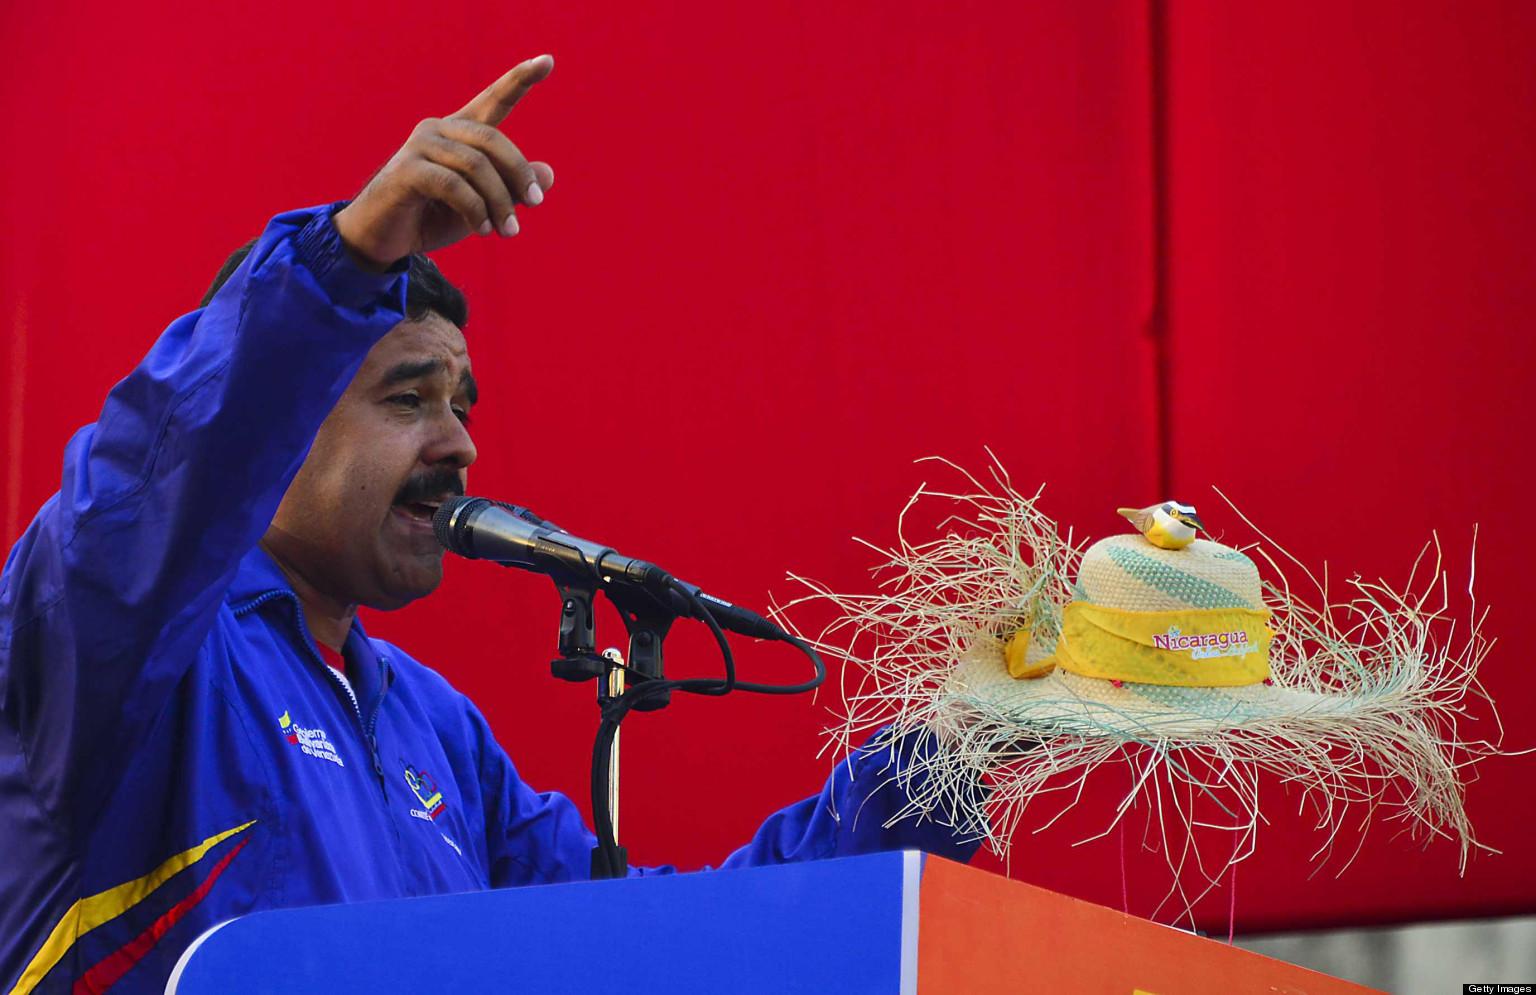 La mente de Maduro. Por: María Isabel Párraga B.